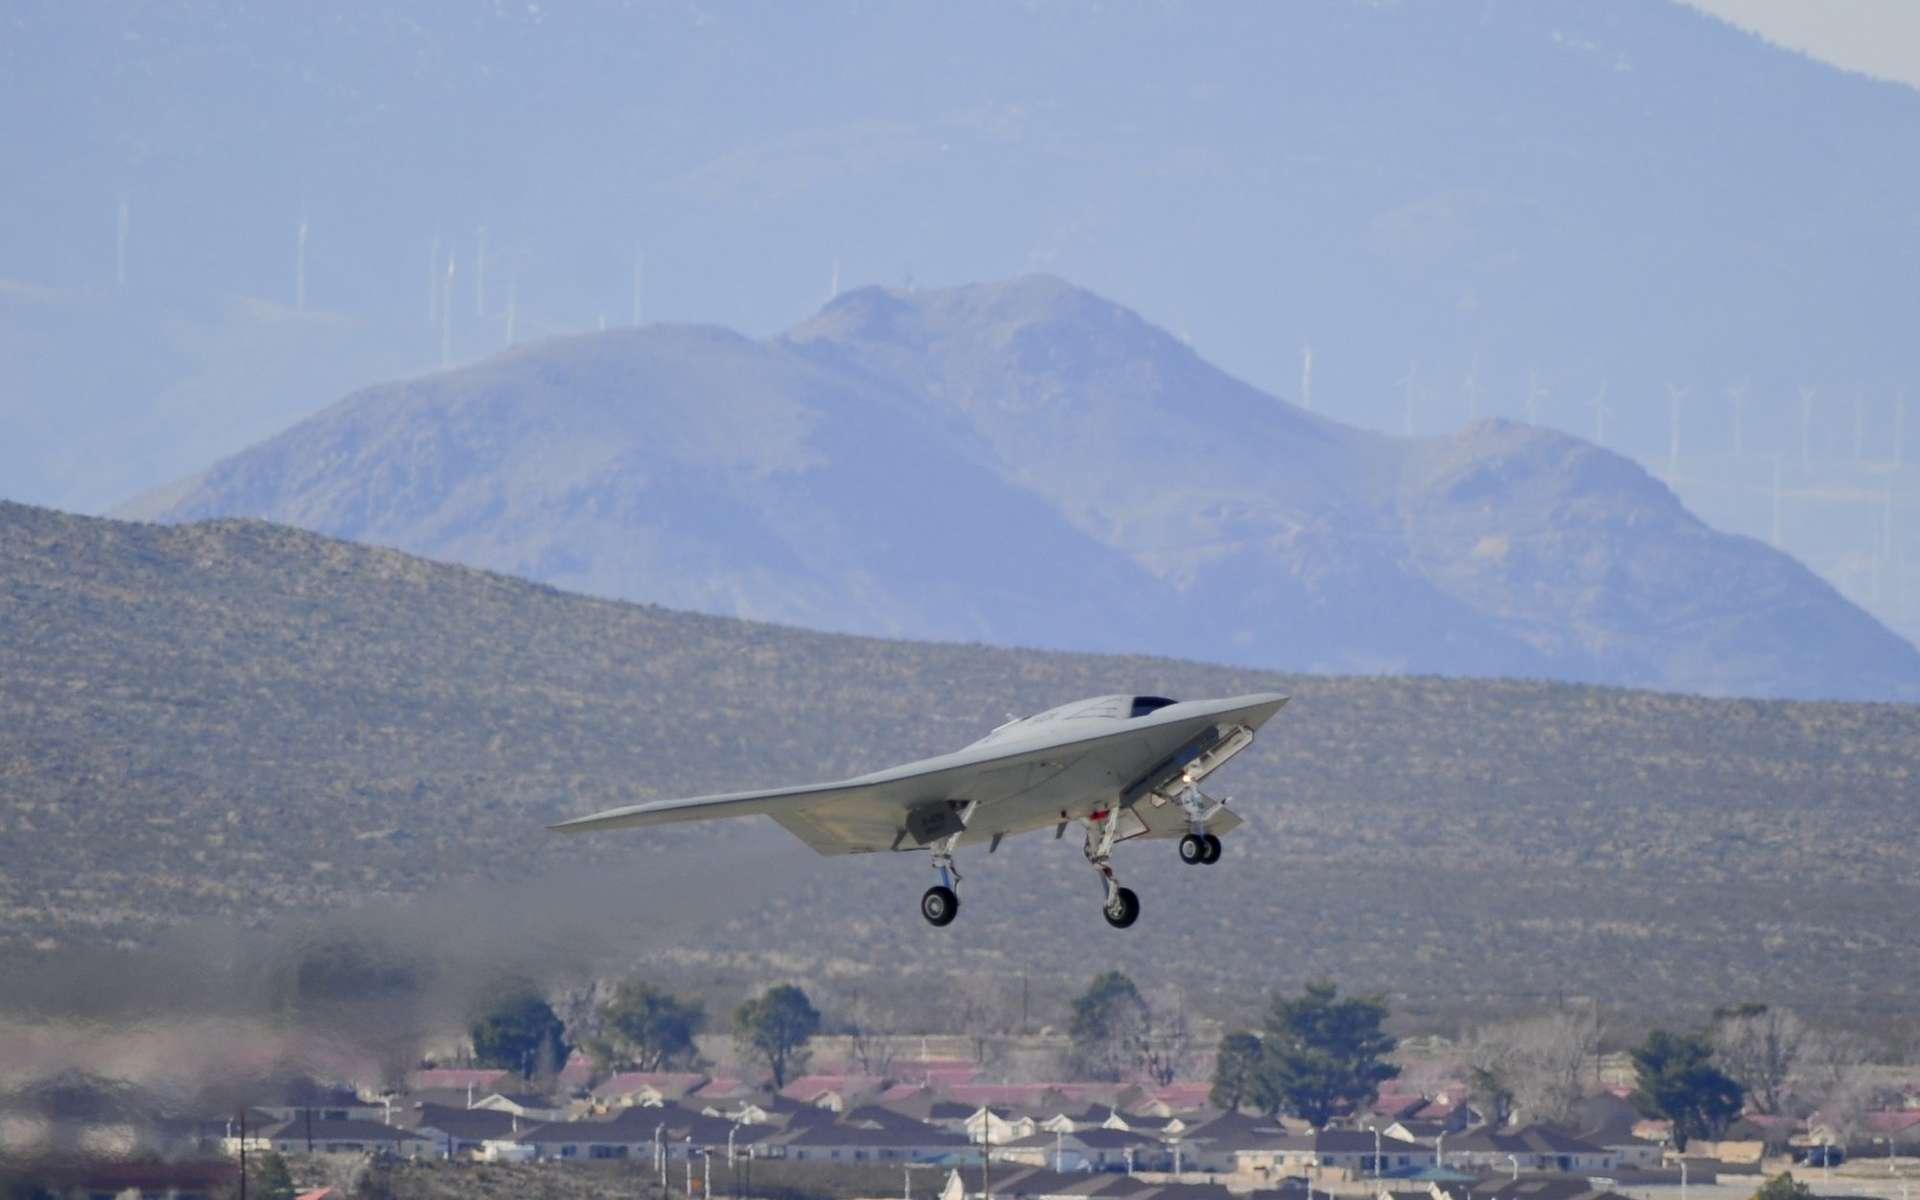 Le X47B en vol. Le pilotage de cet avion de 18 mètres d'envergure est intégralement réalisé par l'ordinateur de bord. © Norththrop Gumann